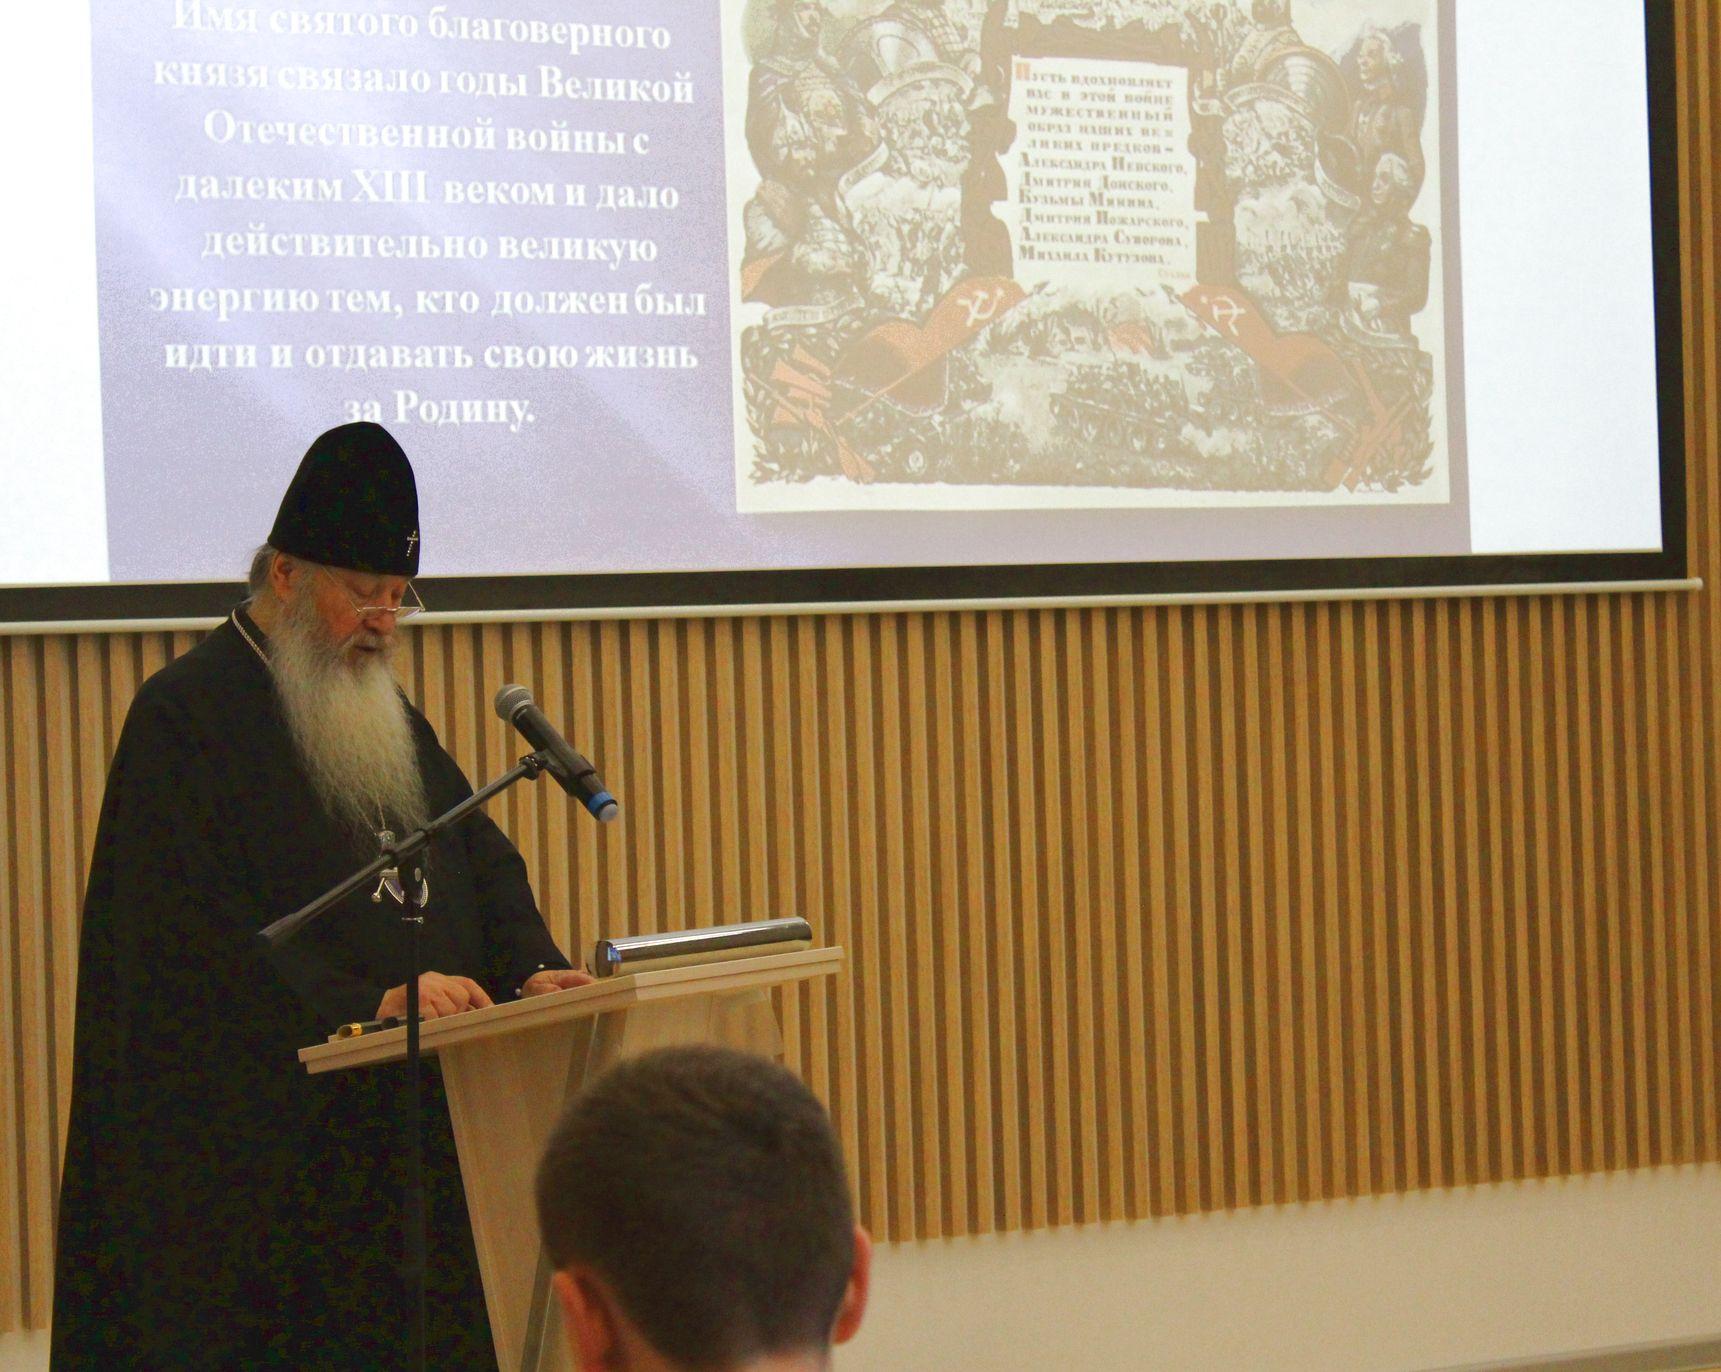 Доклад митрополита Владимирского и Суздальского Тихона о деяниях Александра Невского